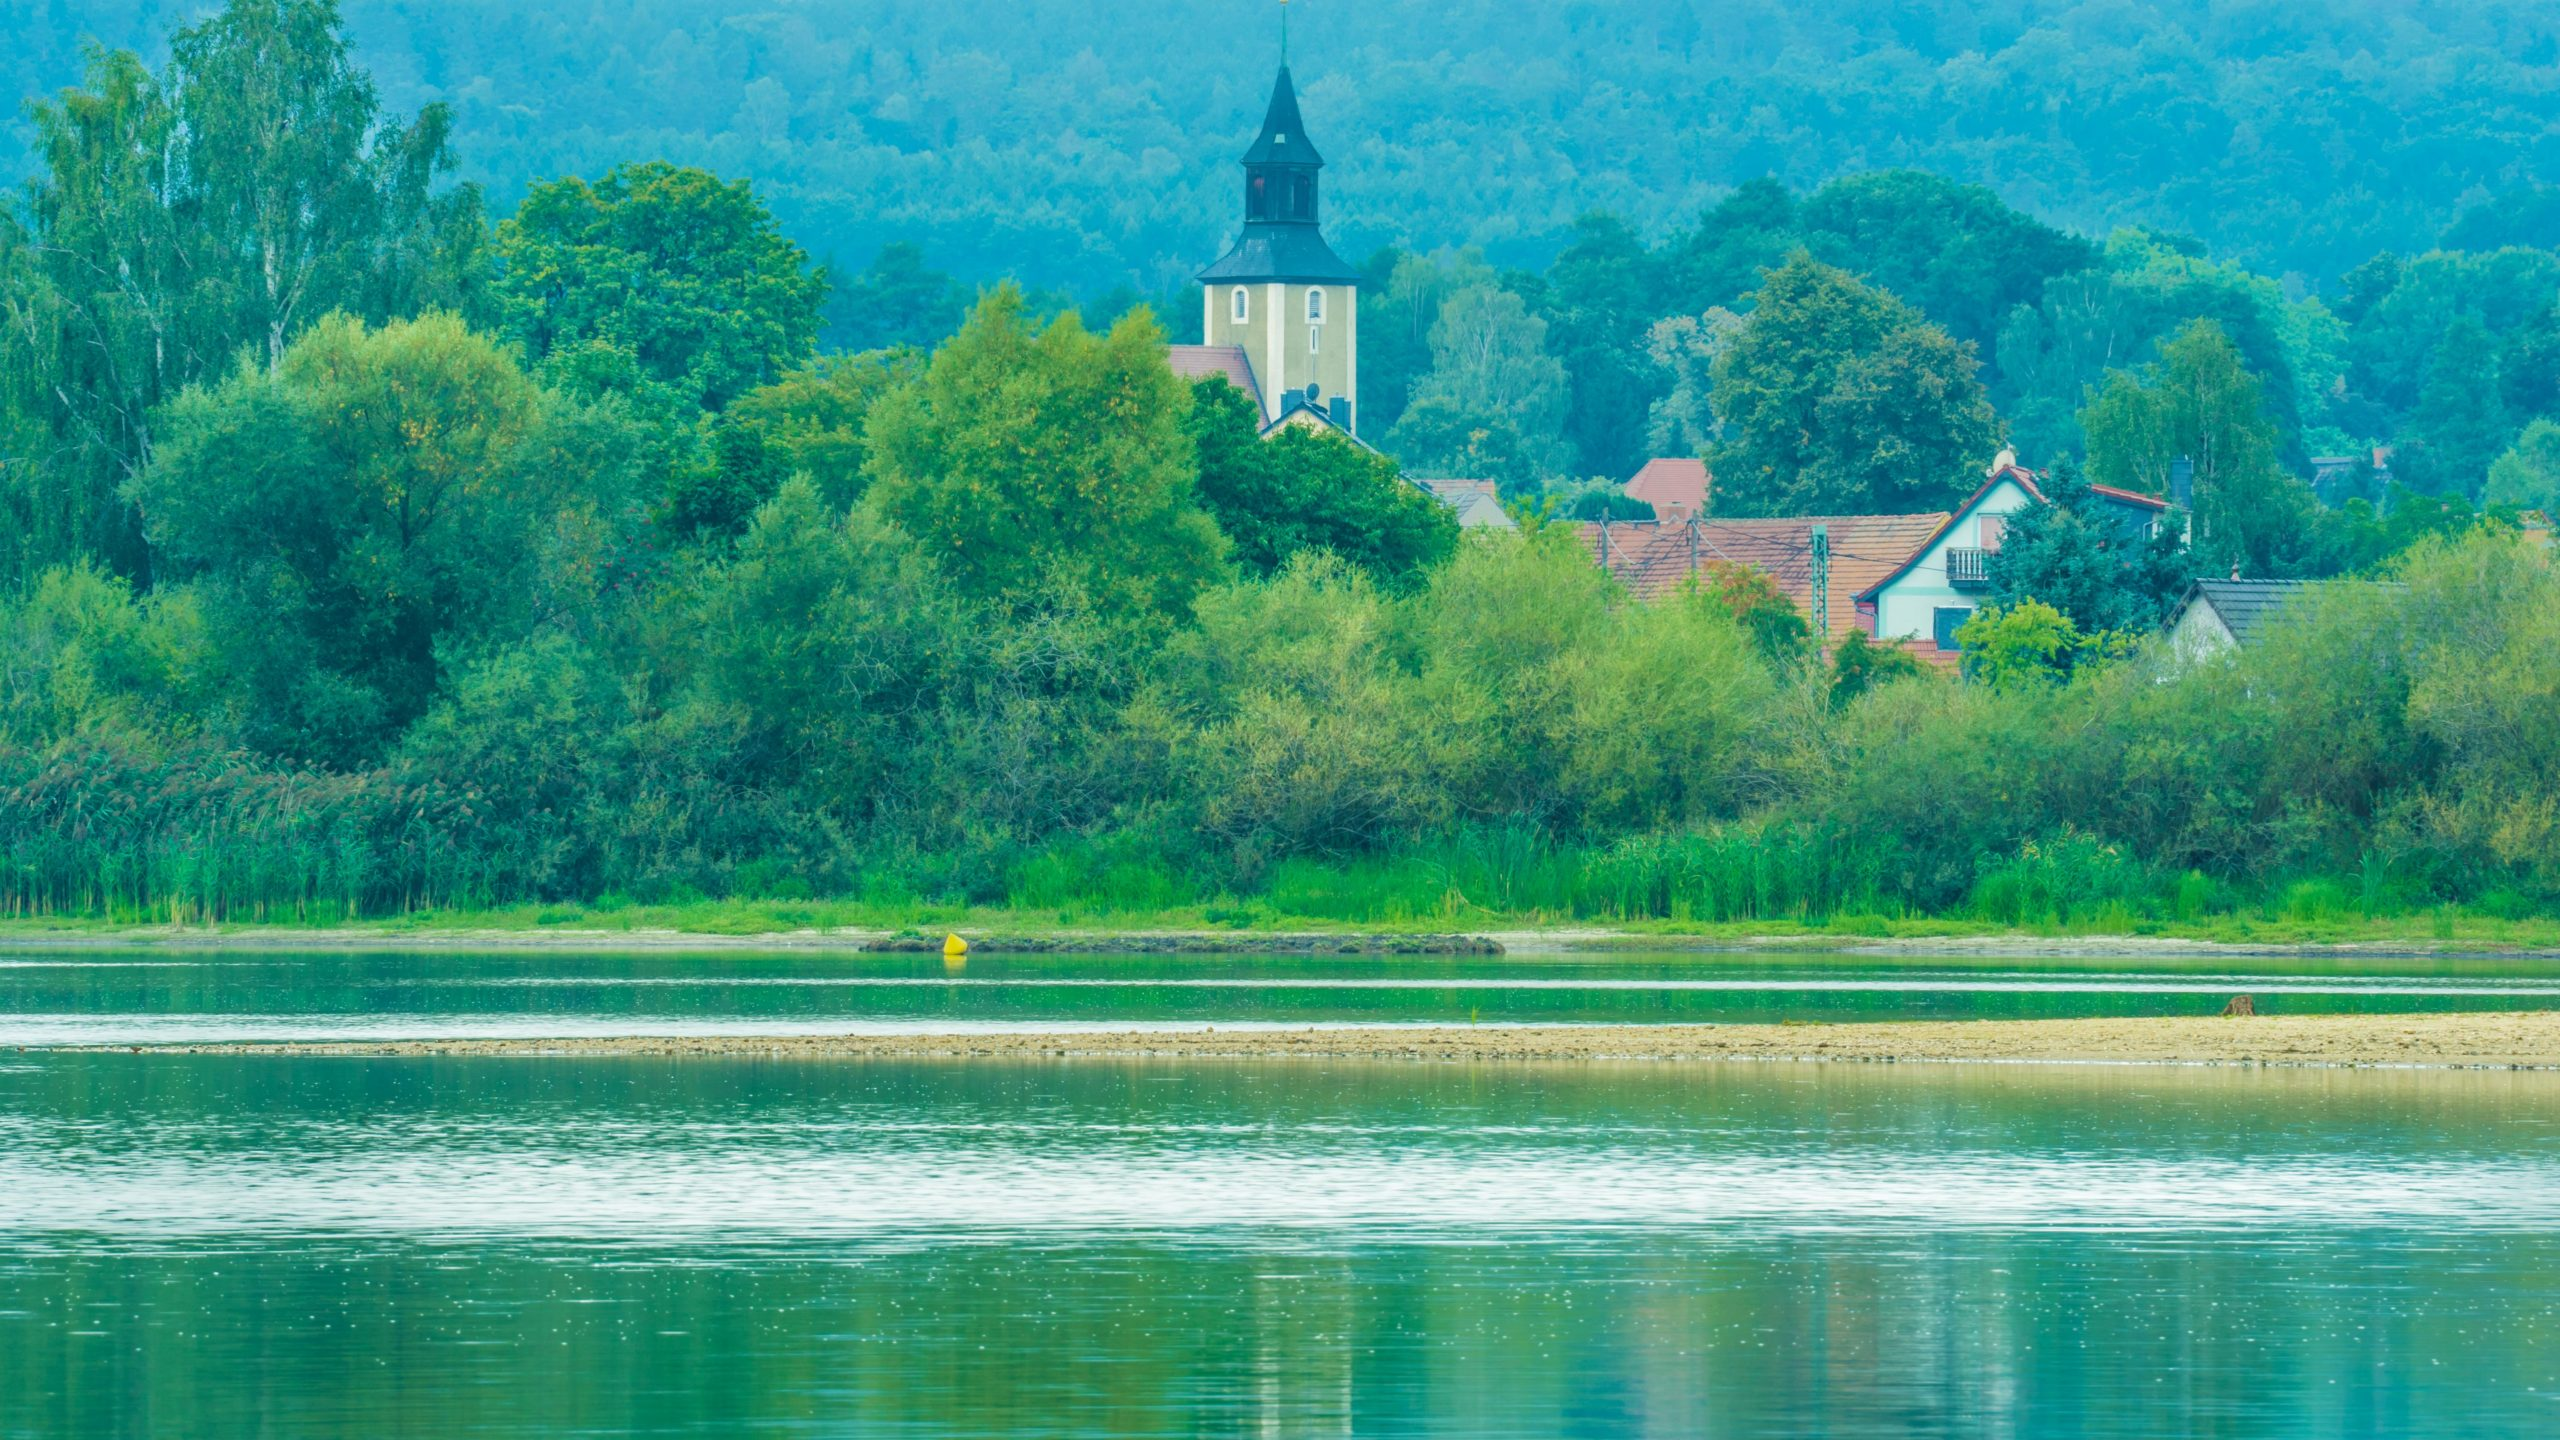 Stausee Quitzdorf, Kollm, bei Niesky, Oberlausitz